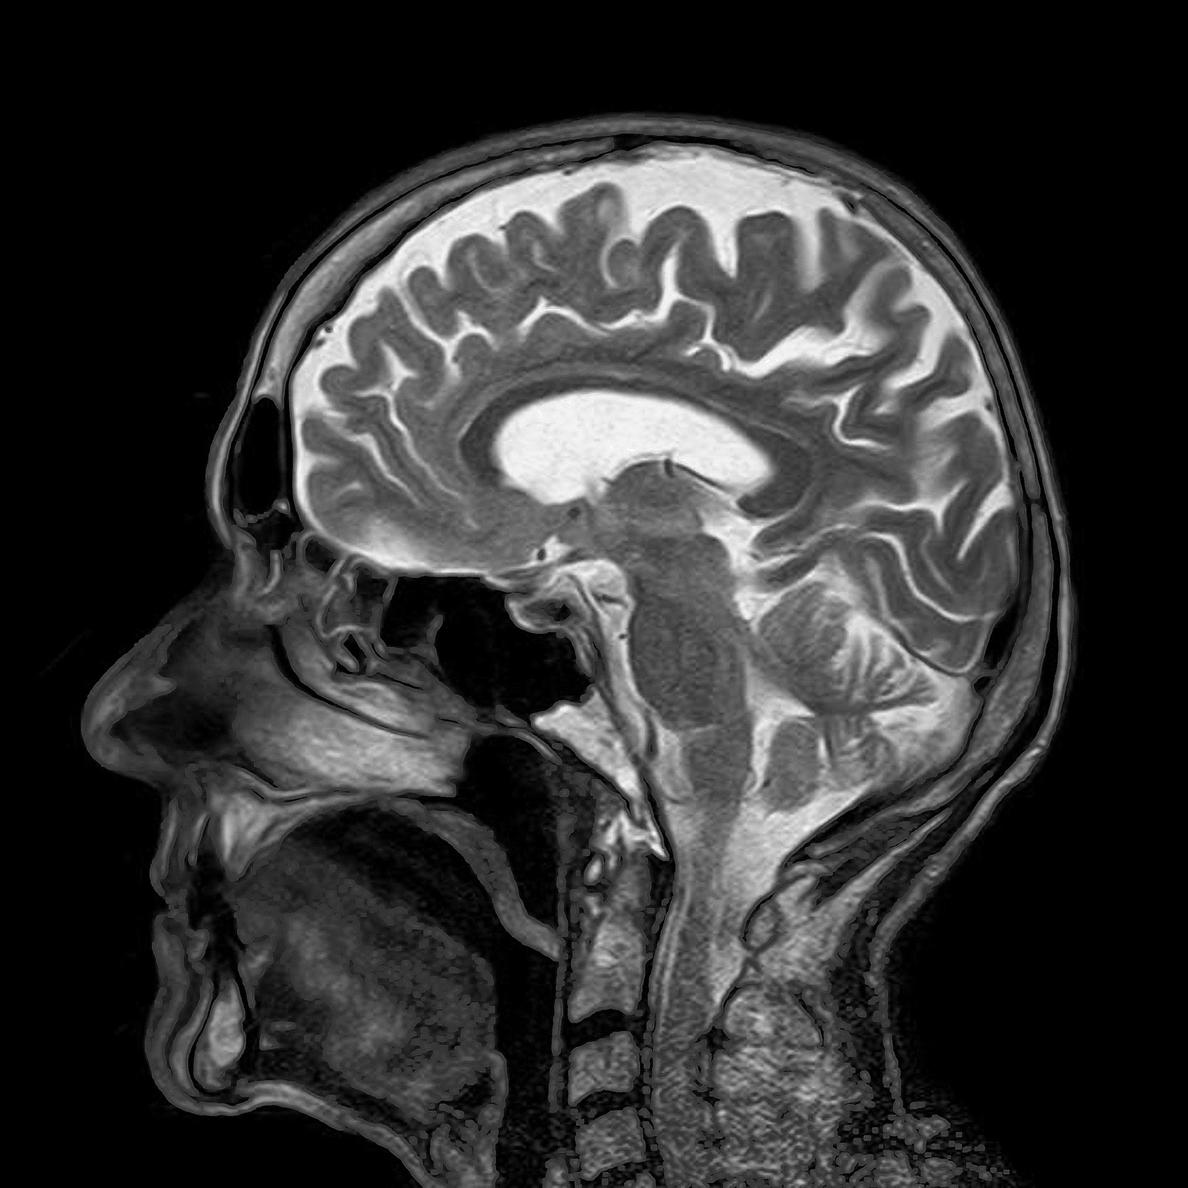 Radiólogos advierten de que el uso de pruebas radiológicas debe estar justificado